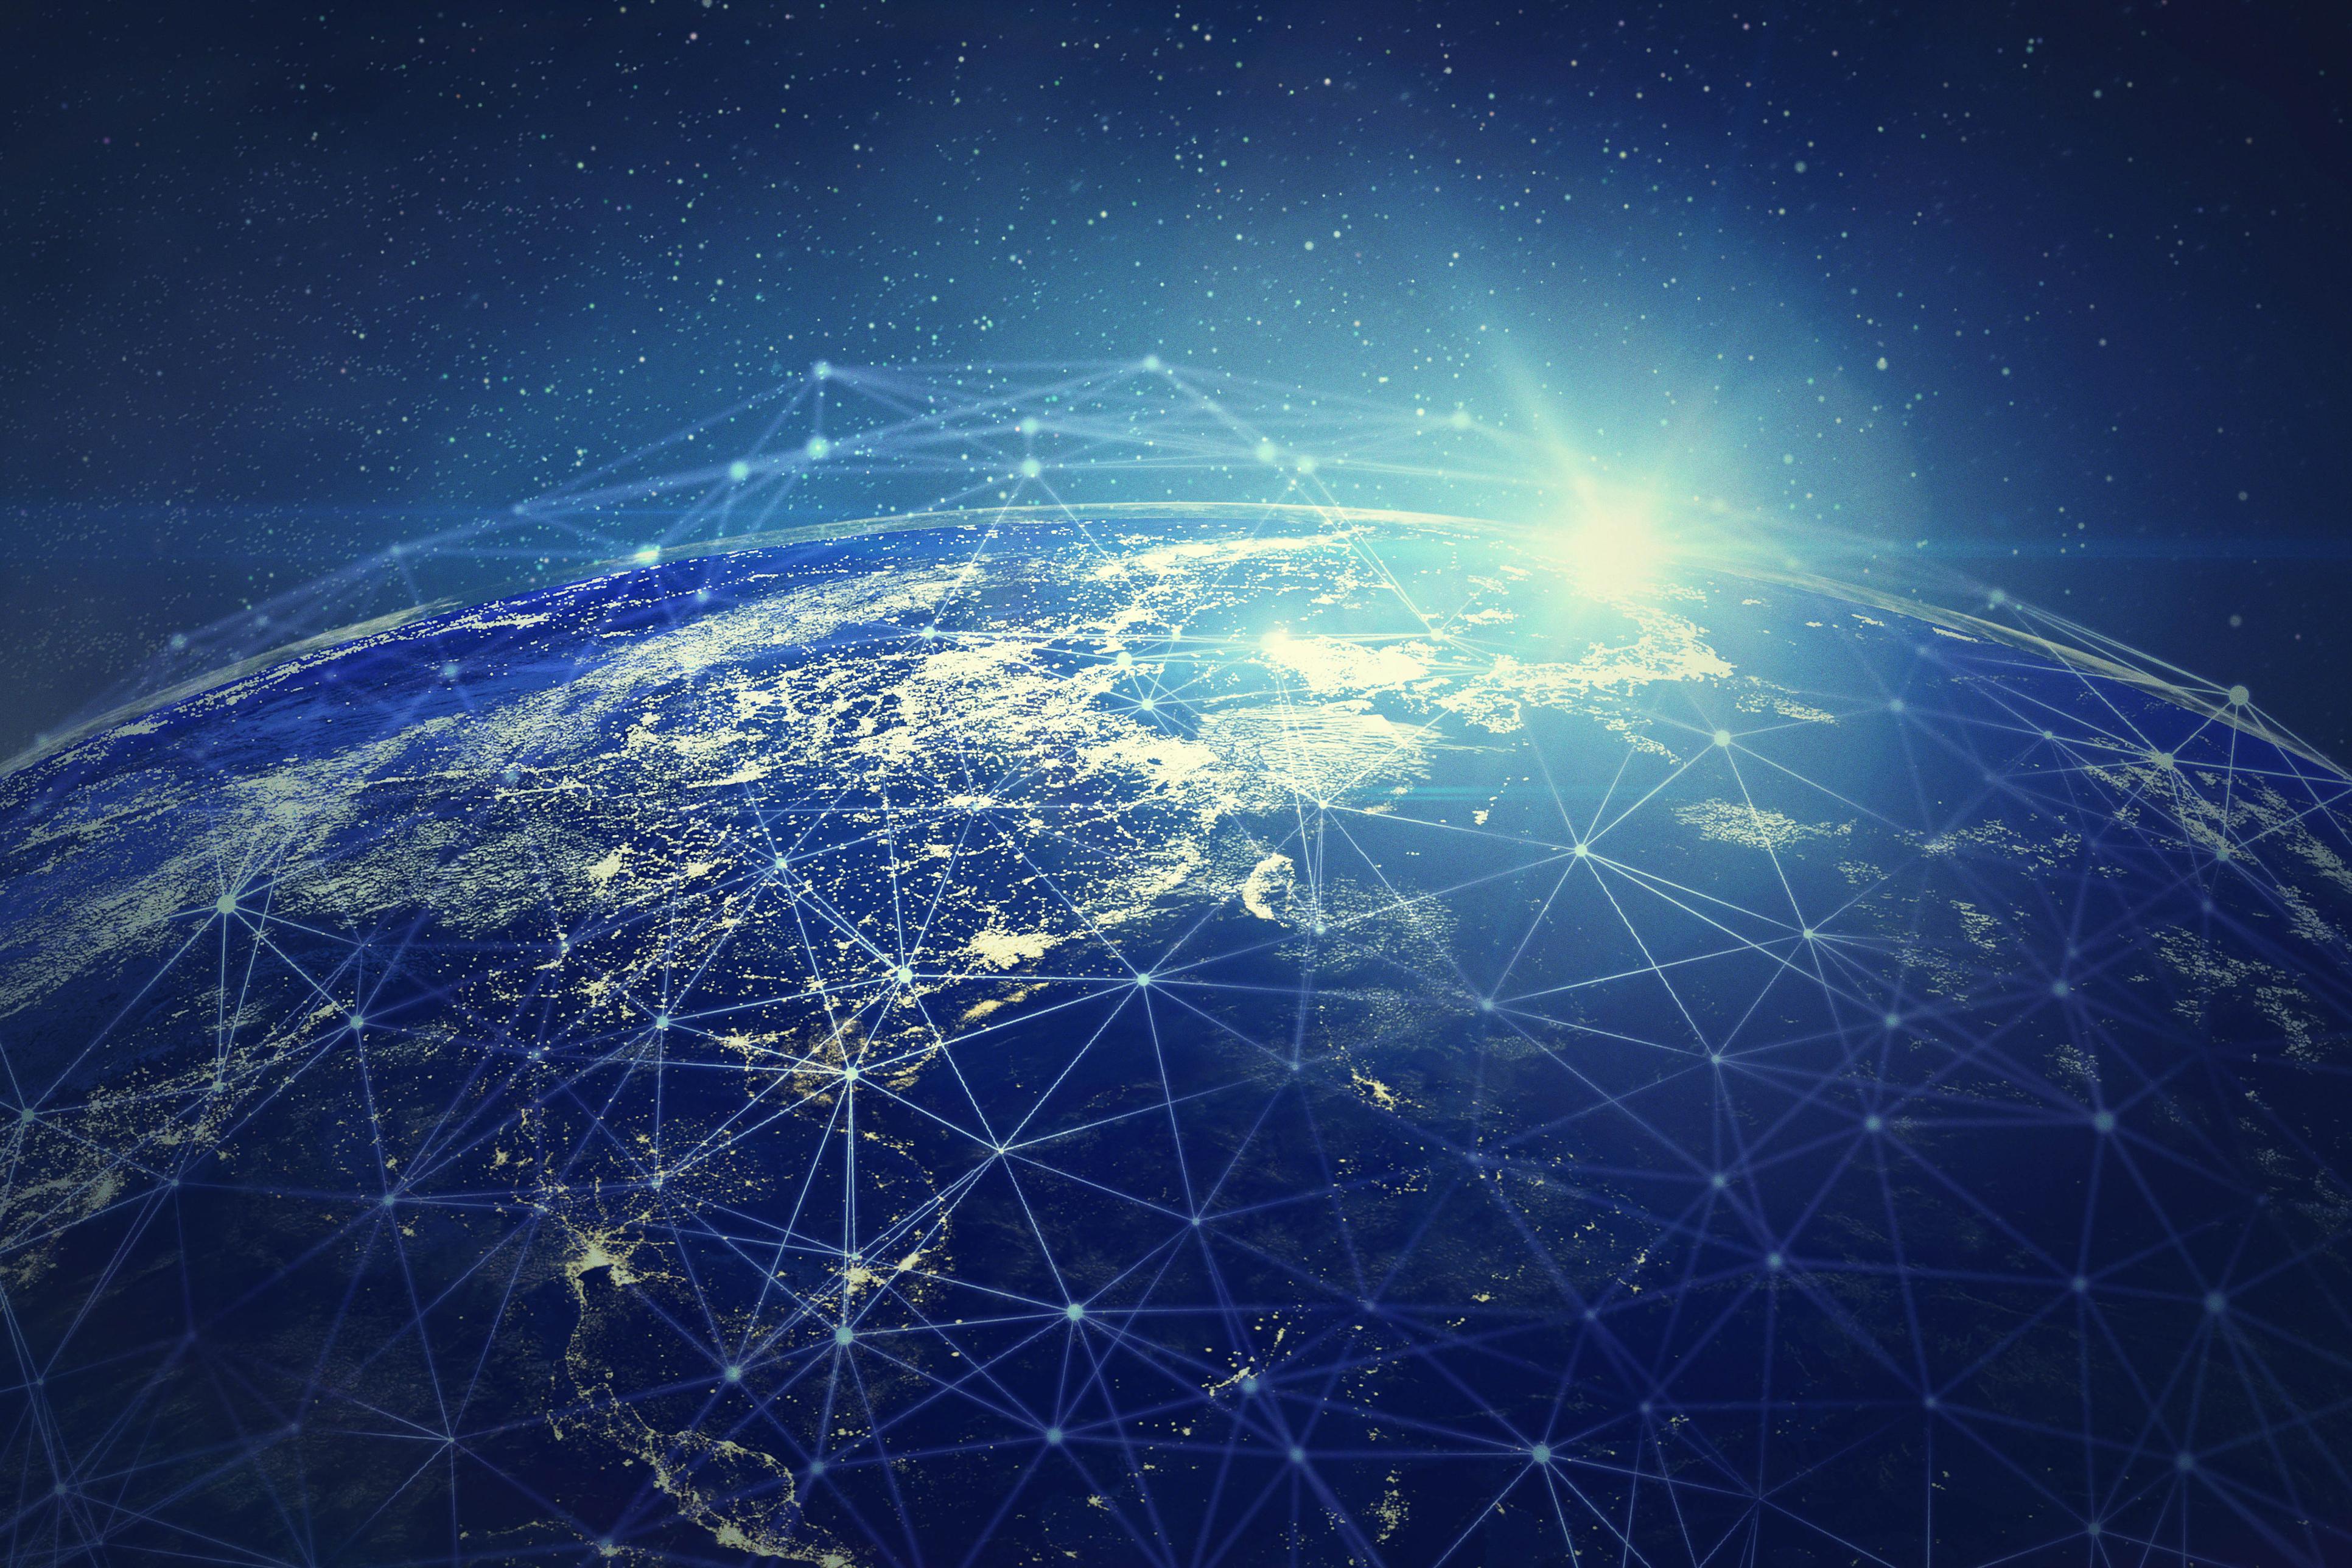 techcrunch.com - Aria Alamalhodaei - Promus Ventures closes €120 million ($139 million) space fund amid investment boom